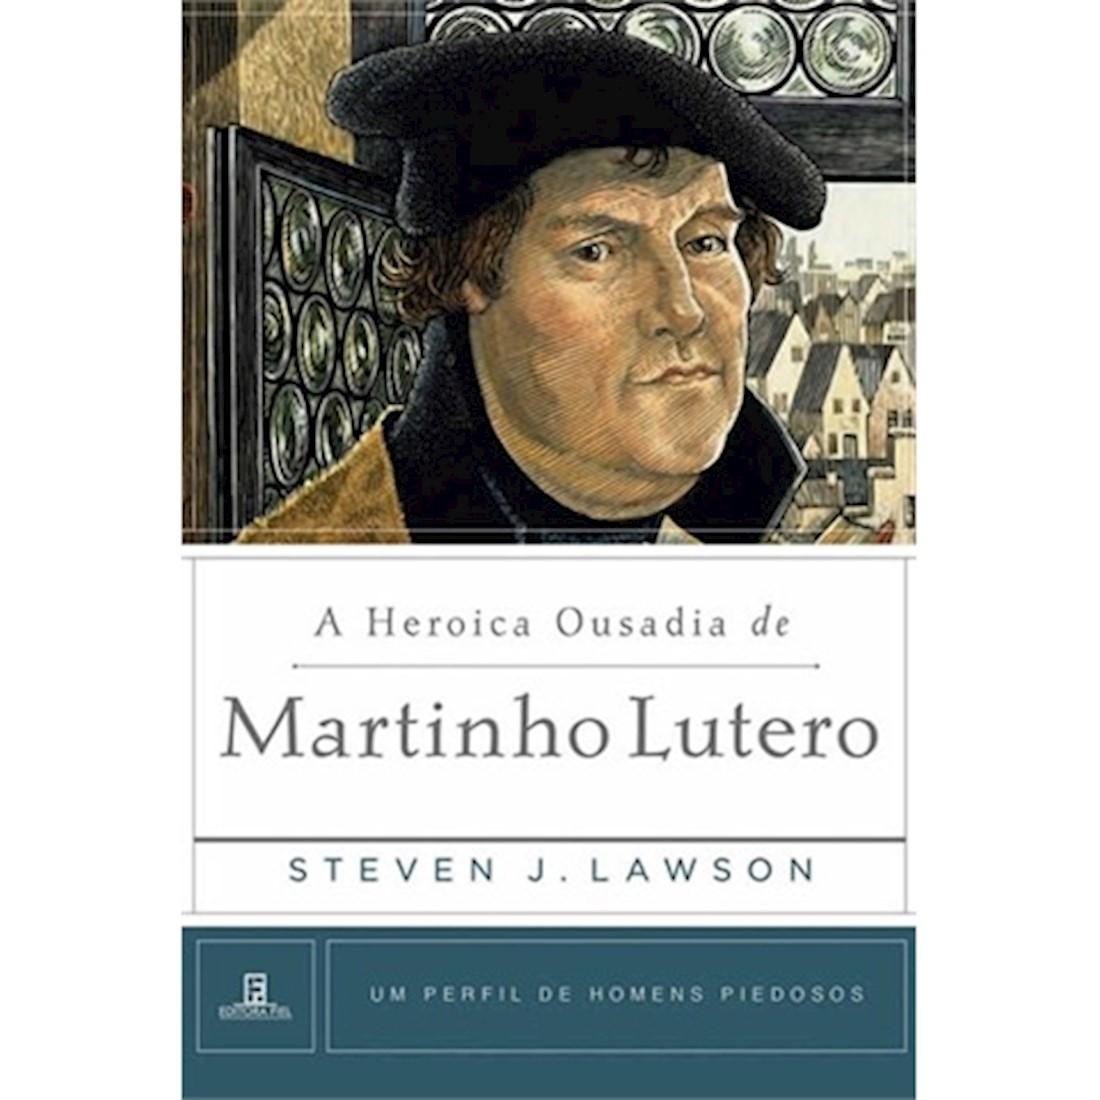 Livro A Heroica Ousadia de Martinho Lutero - Série Um Perfil de Homens Piedosos